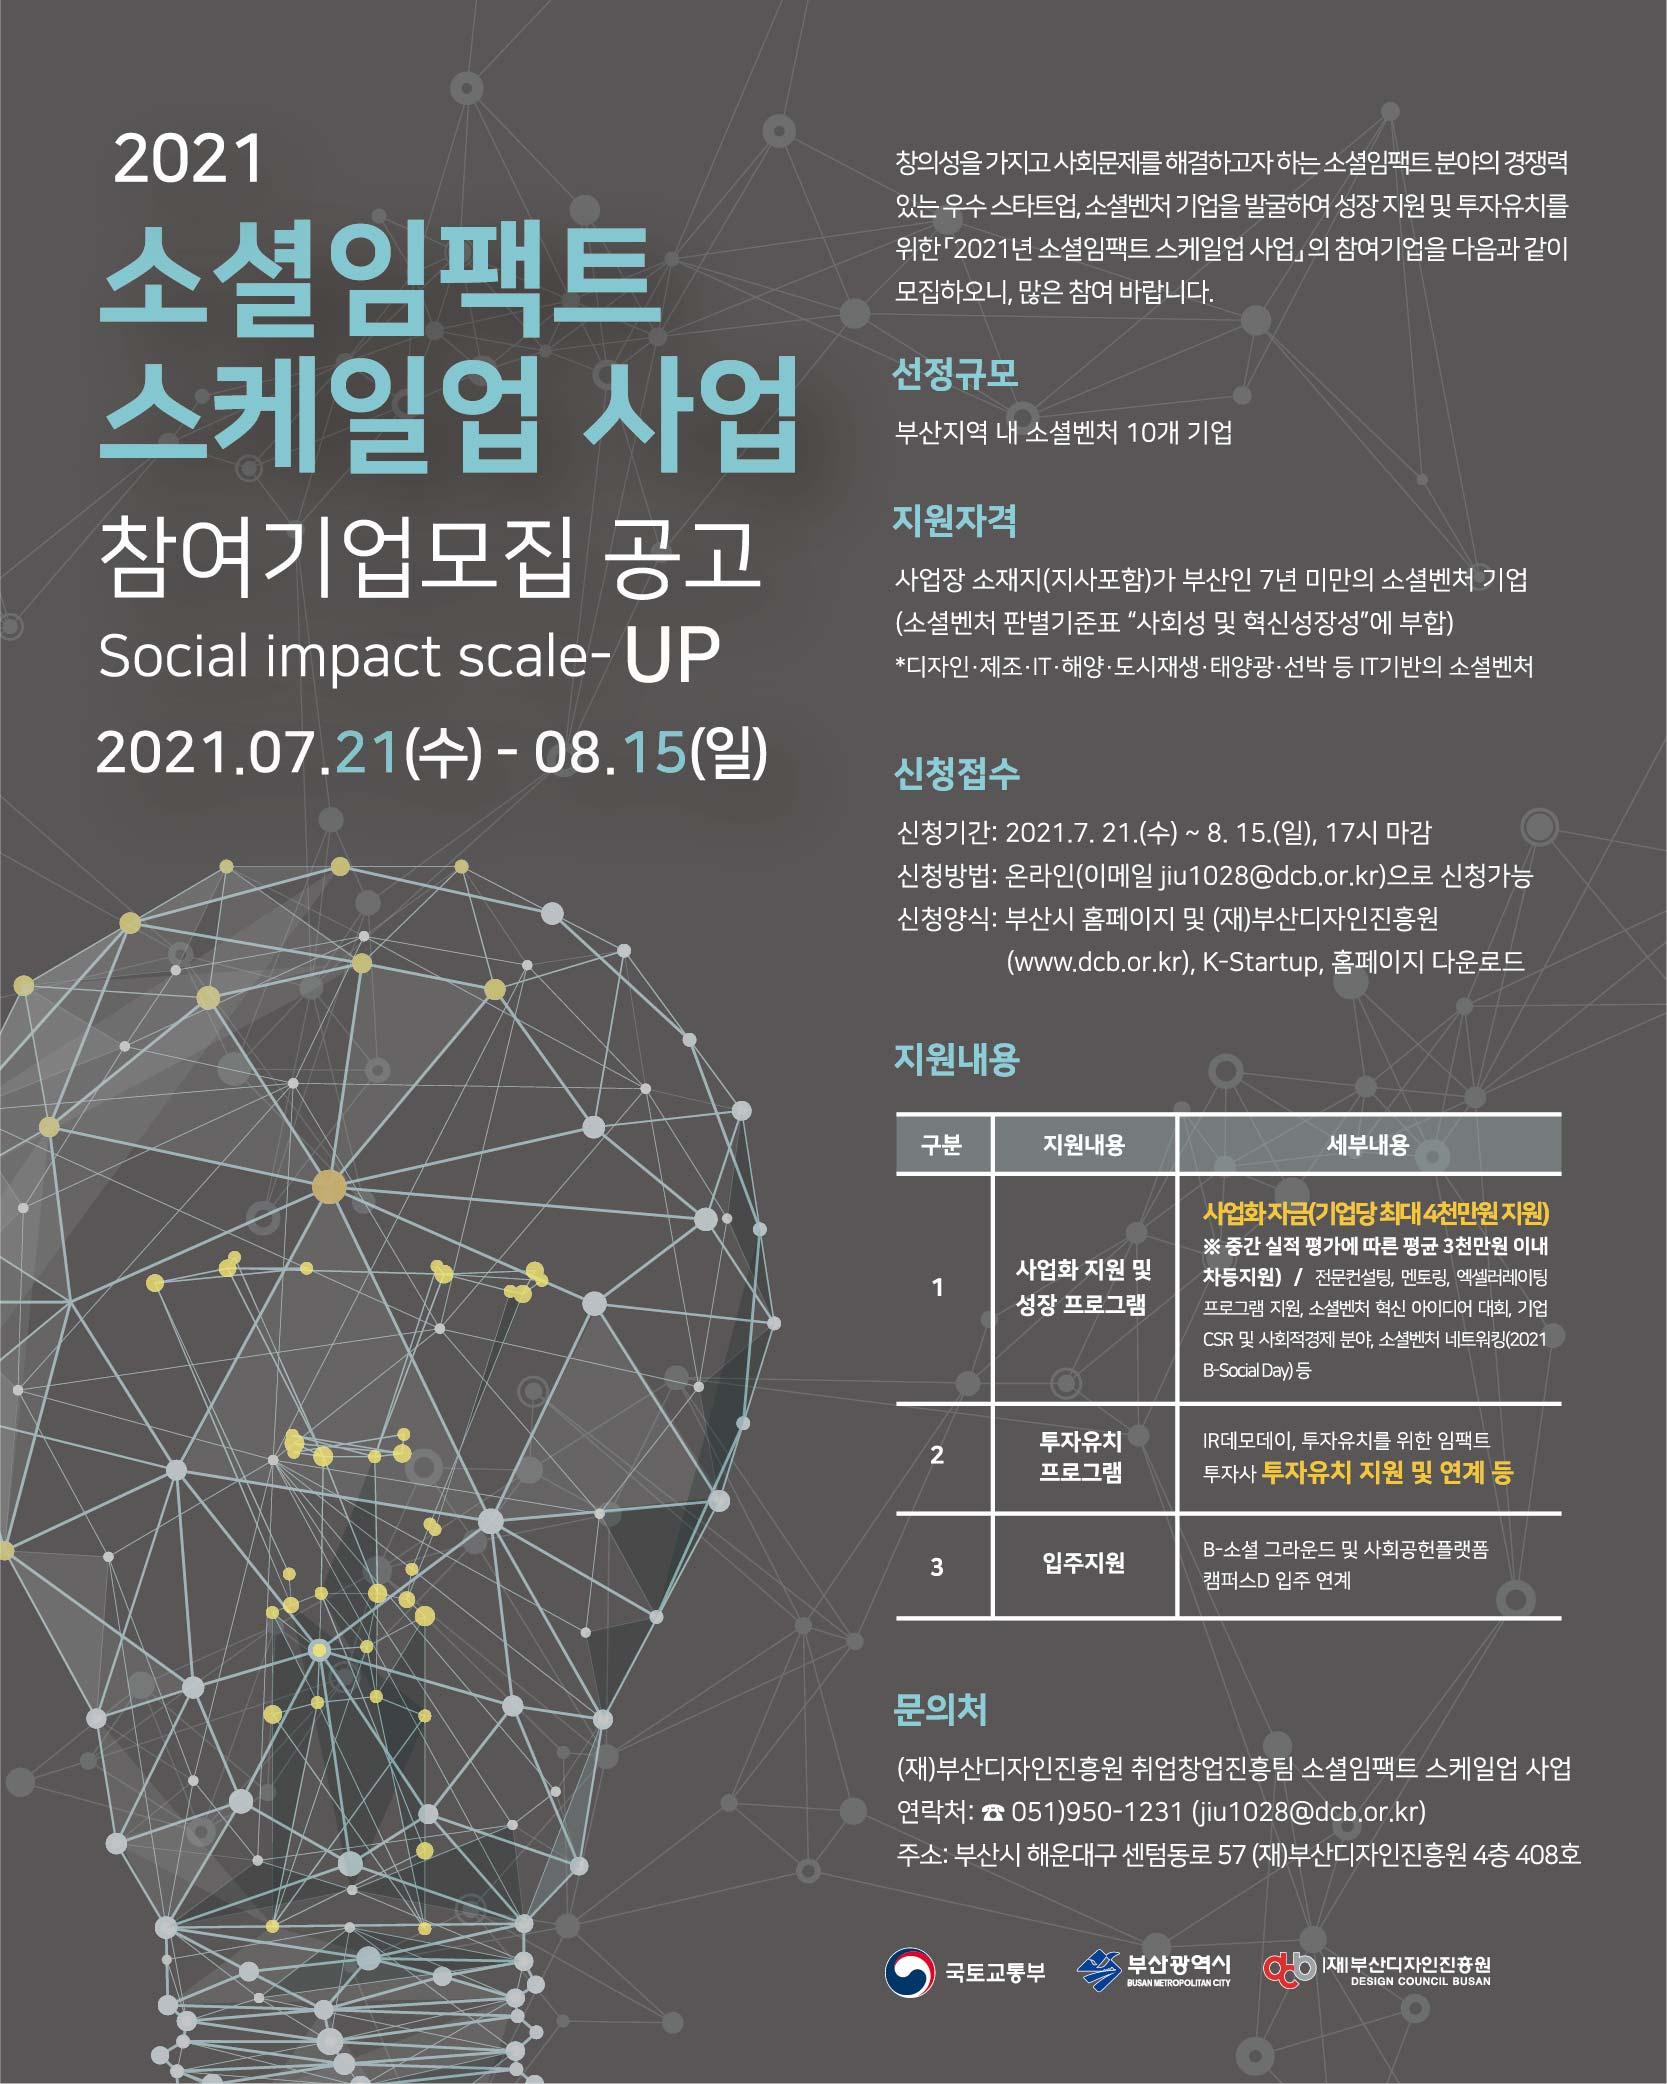 [부산디자인진흥원] 2021년 소셜임팩트 스케일업 사업 참여기업 모집